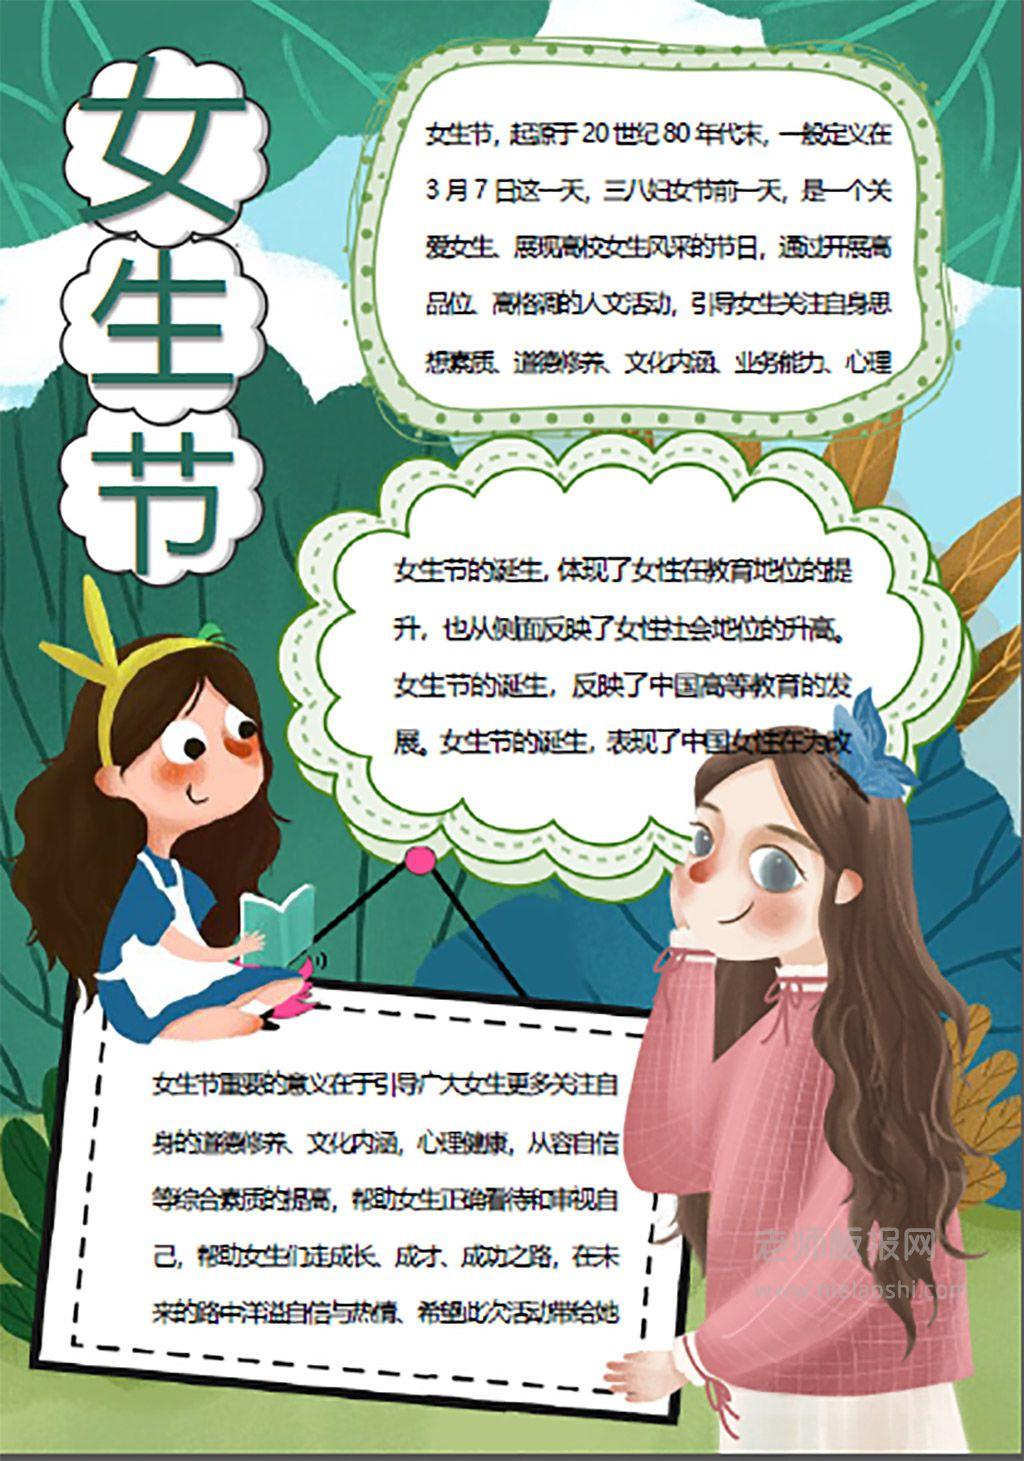 女生节快乐手抄报word电子模版